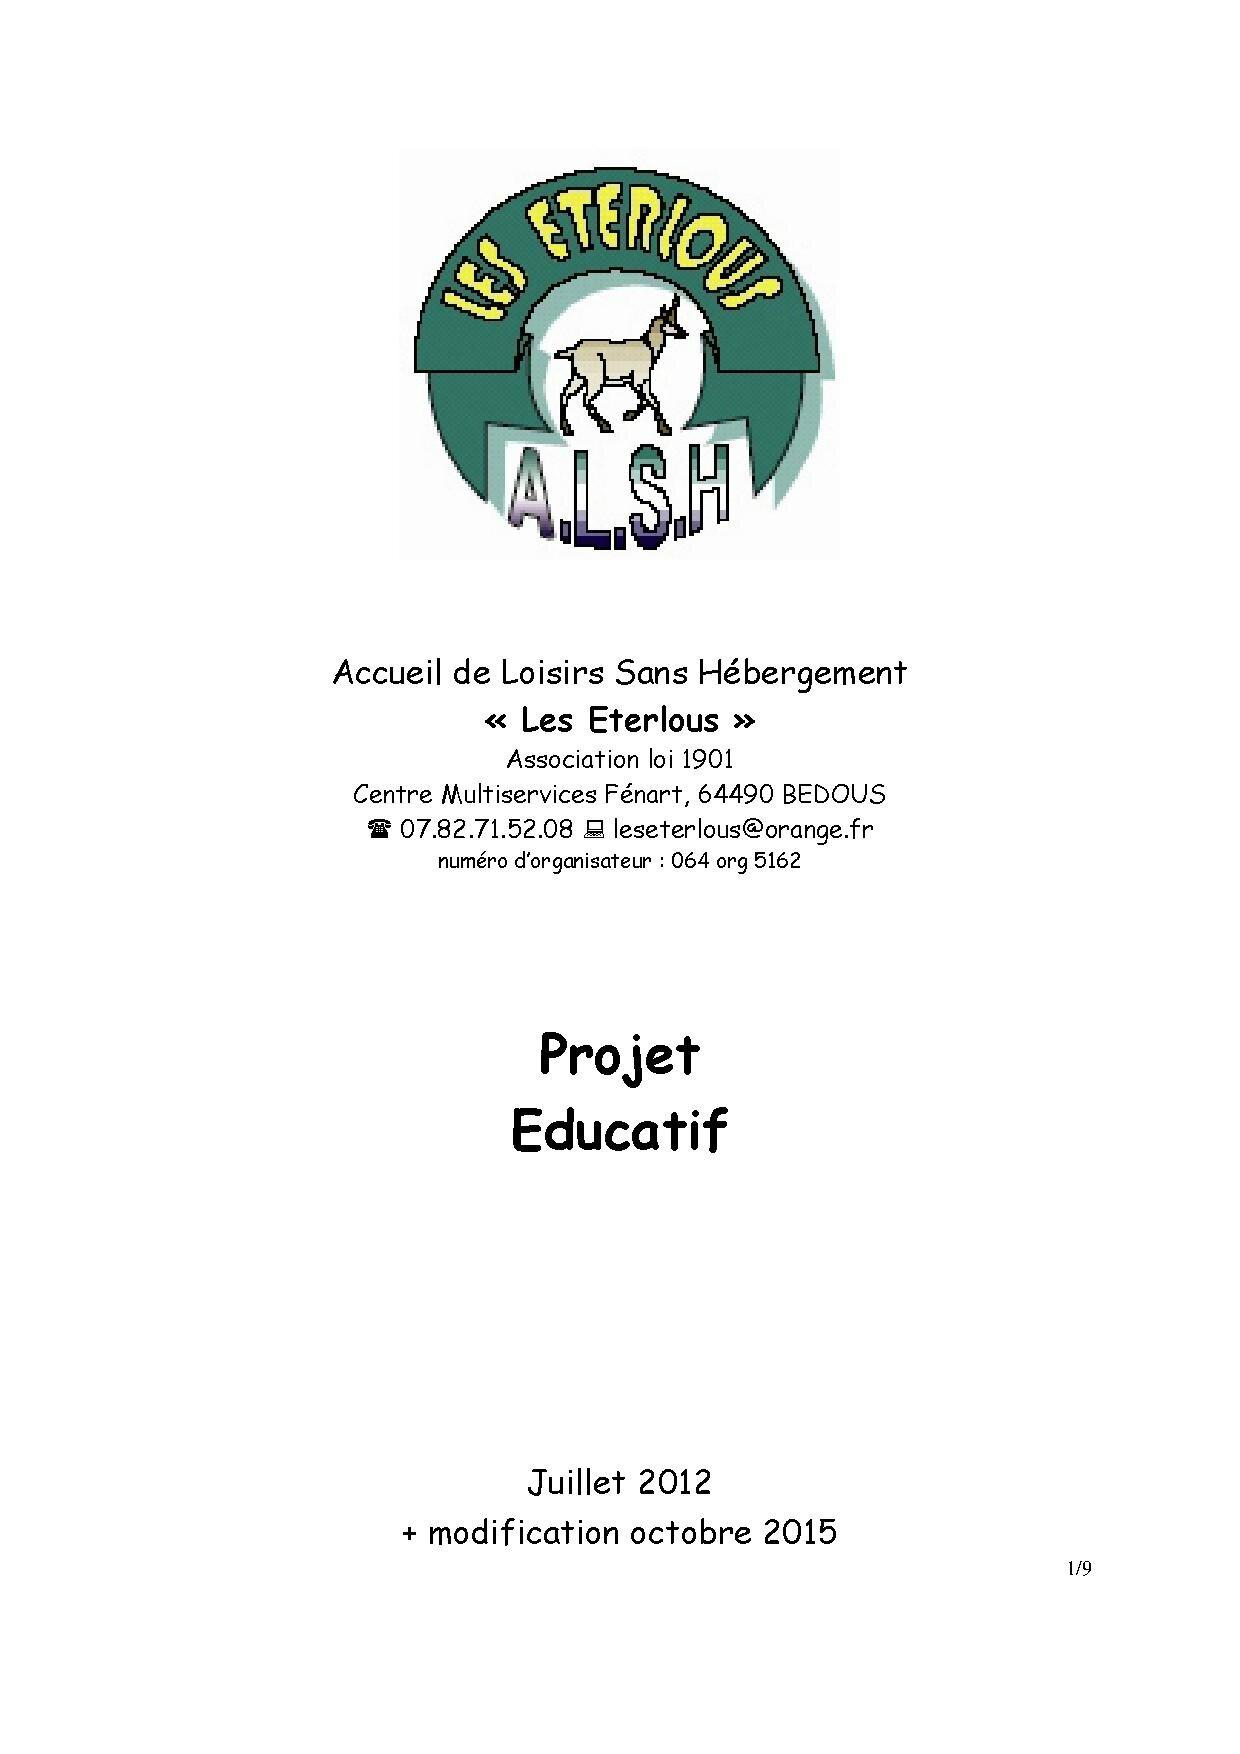 Page 1 Projet Educatif Eterlous